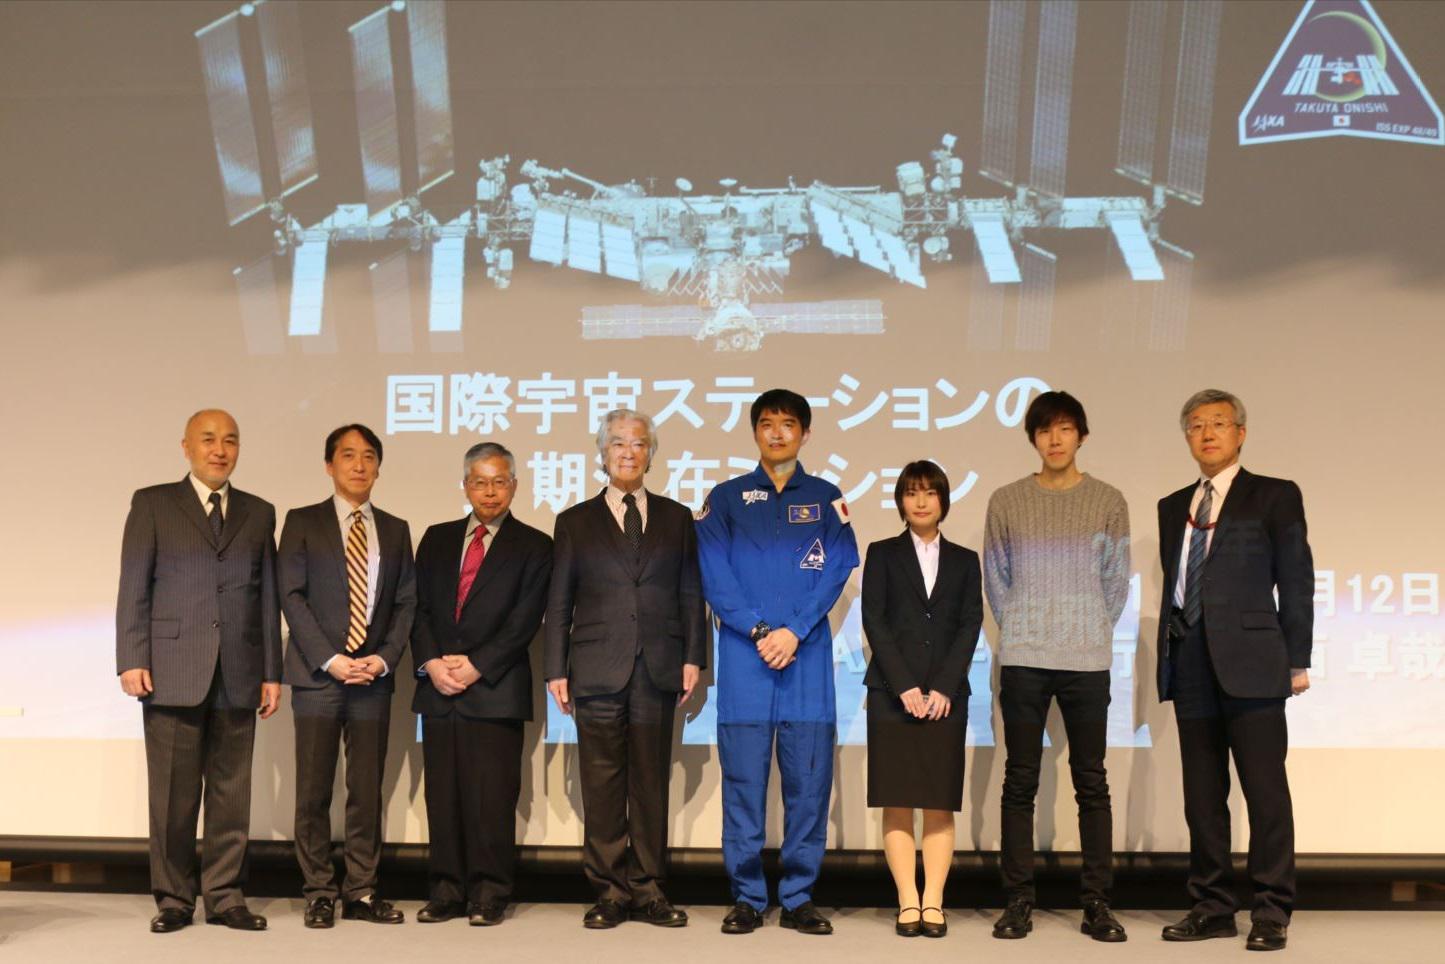 登壇したパネリストの皆さん(左から1番目:名古屋工業大学 鵜飼学長、4番目:澤岡名誉学長、5番目:大西飛行士、8番目名古屋工業大学 江龍副学長)